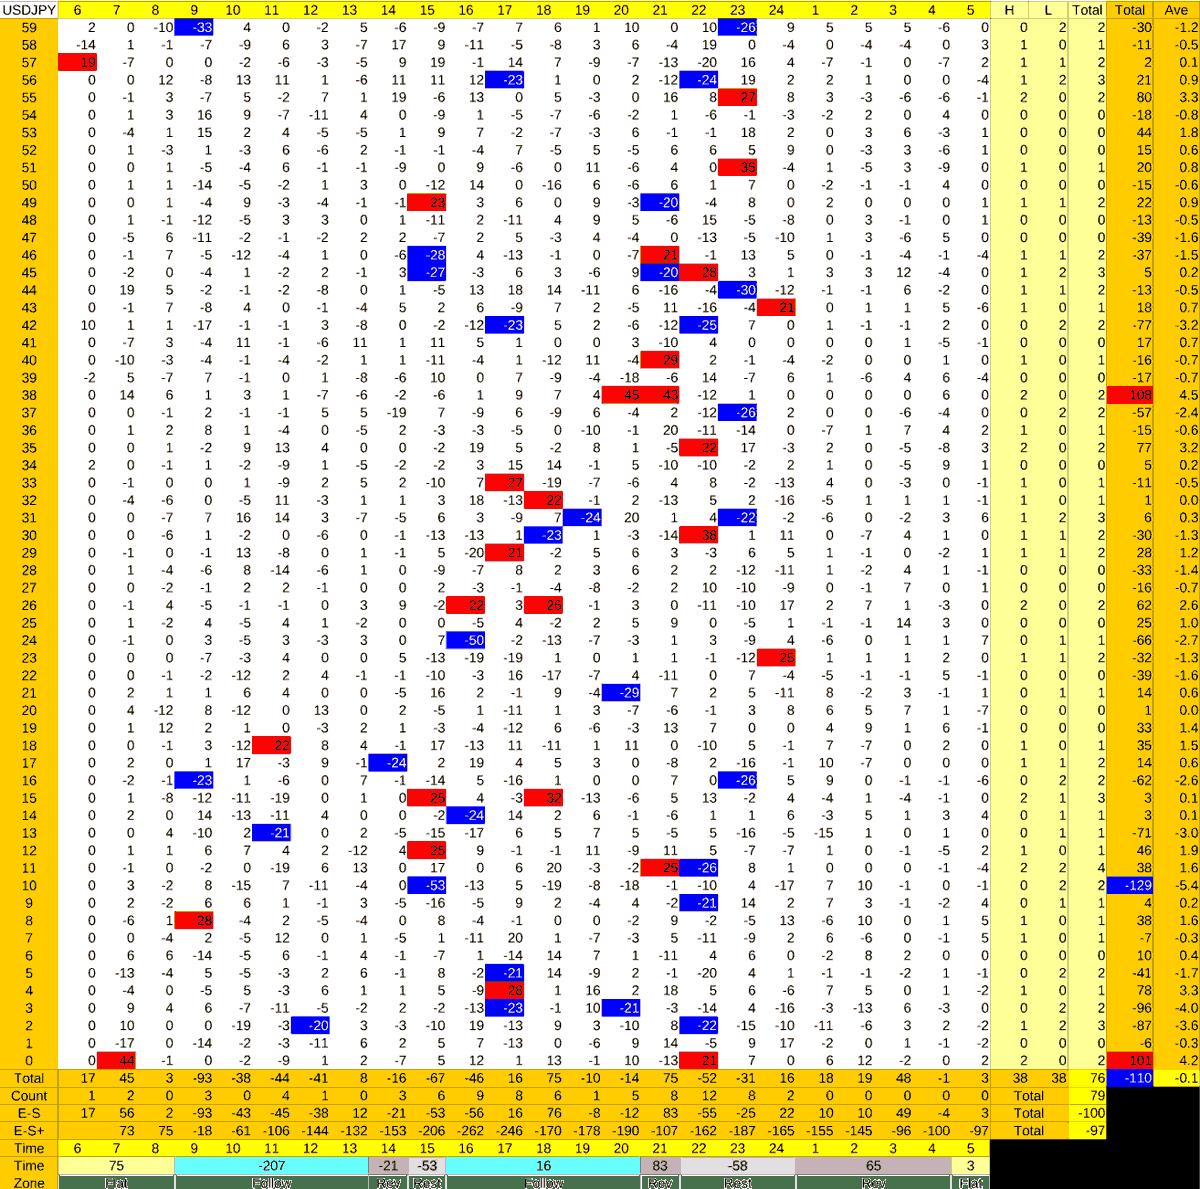 20210726_HS(1)USDJPY-min